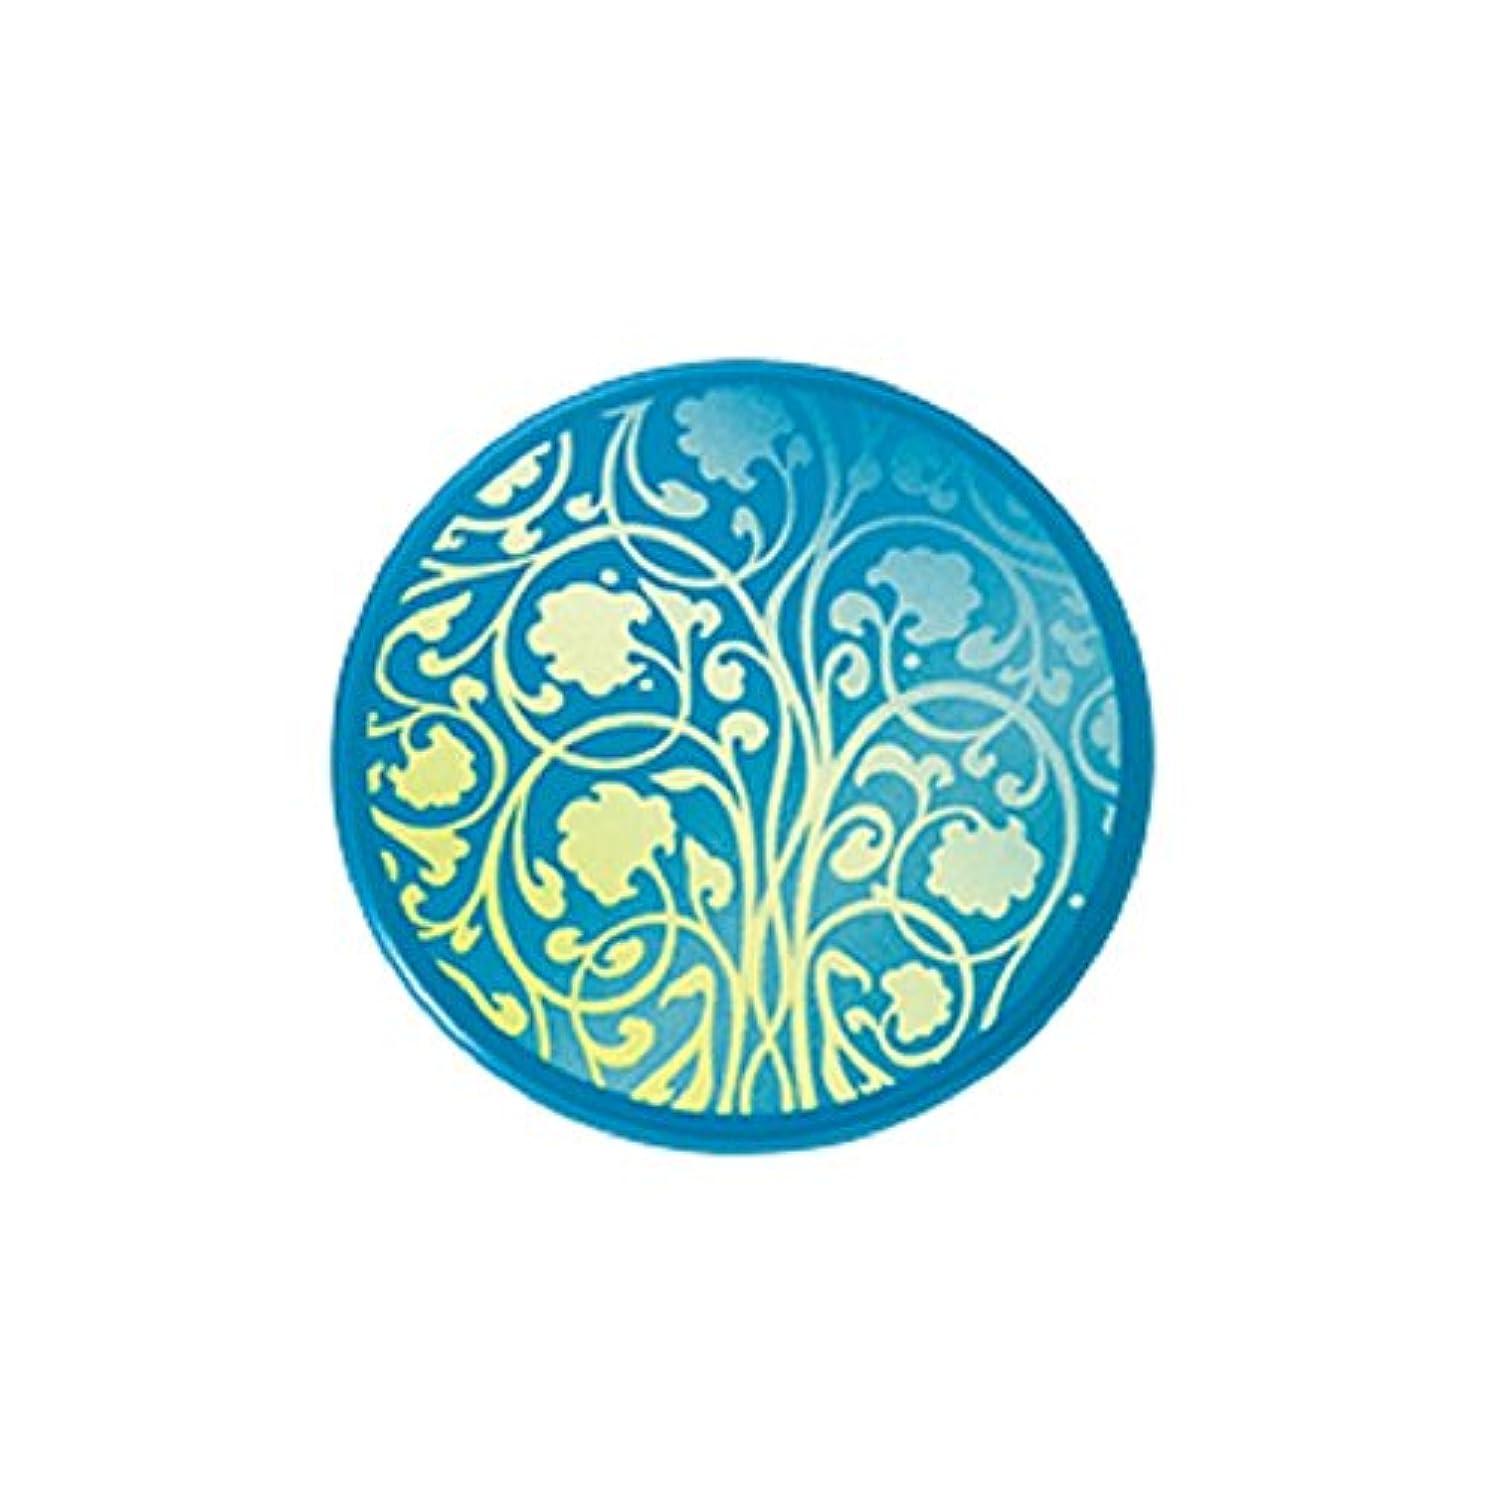 主ゲインセイ劇作家アユーラ (AYURA) ウェルフィット アロマバーム 14g 〈ソリッドパヒューム〉 心地よい森林の香気